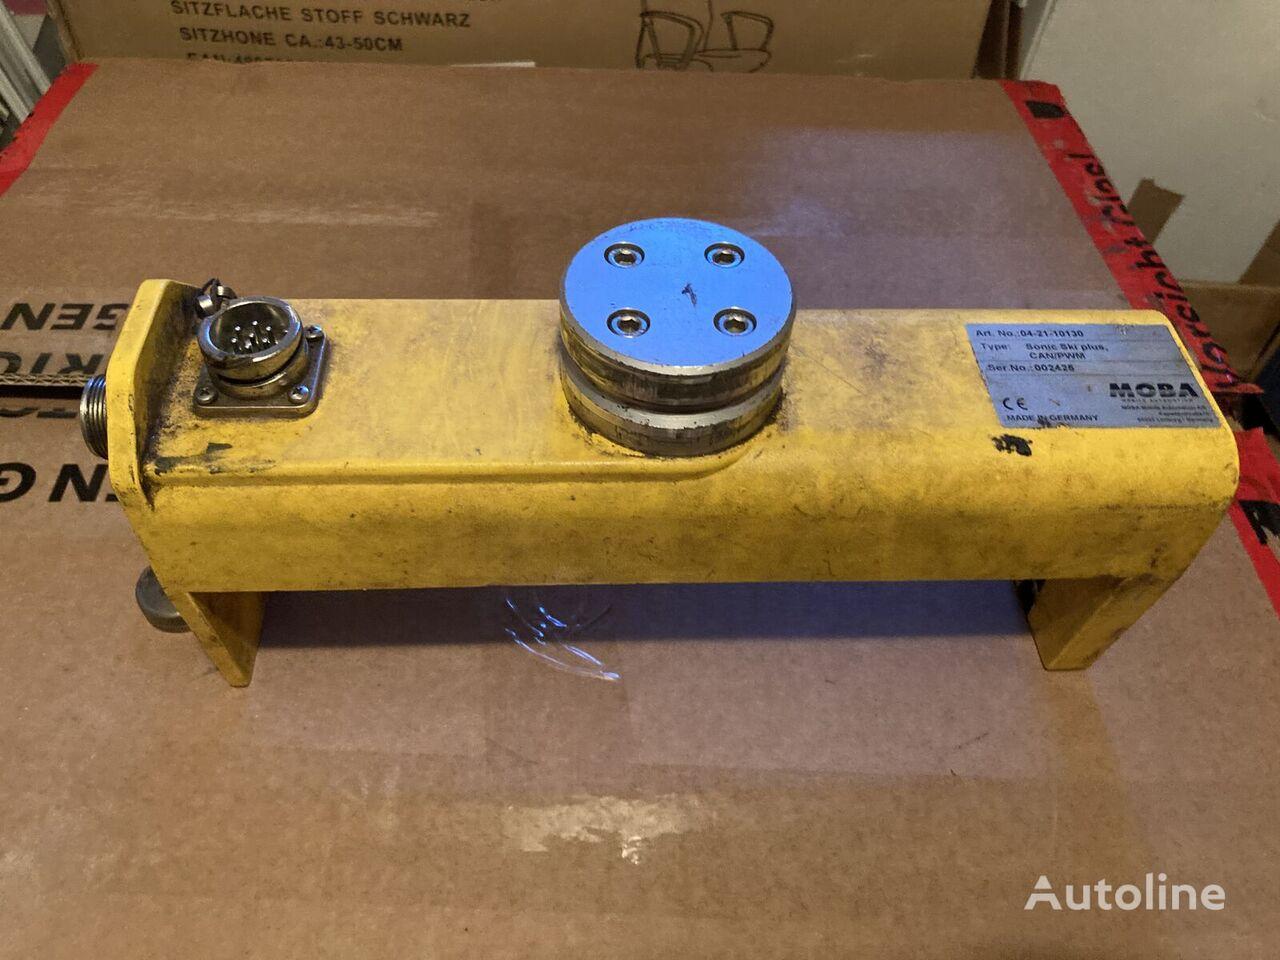 Sonic Ski (900624005) sensor for asphalt paver